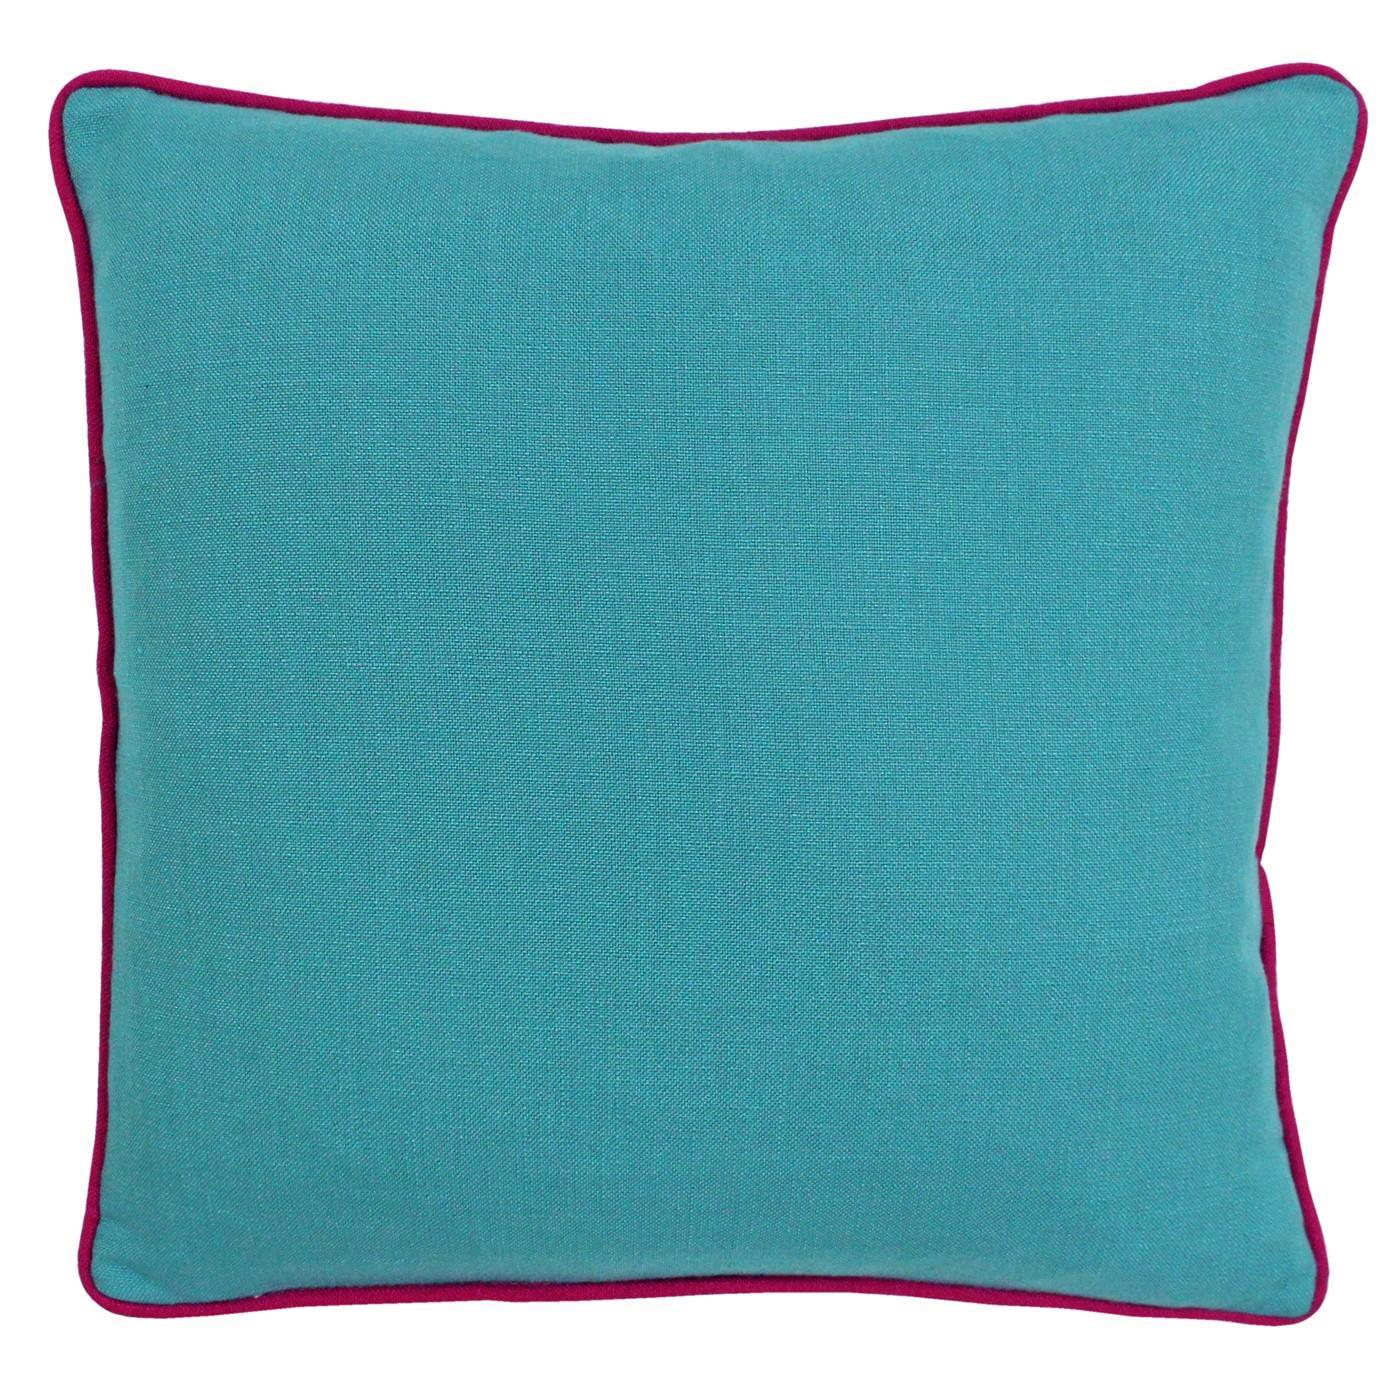 Détails Sur Brillant Tissé Épais Ambiance Canard Œuf Aqua Bleu Coussin  Housse pour Coussin Bleu Turquoise